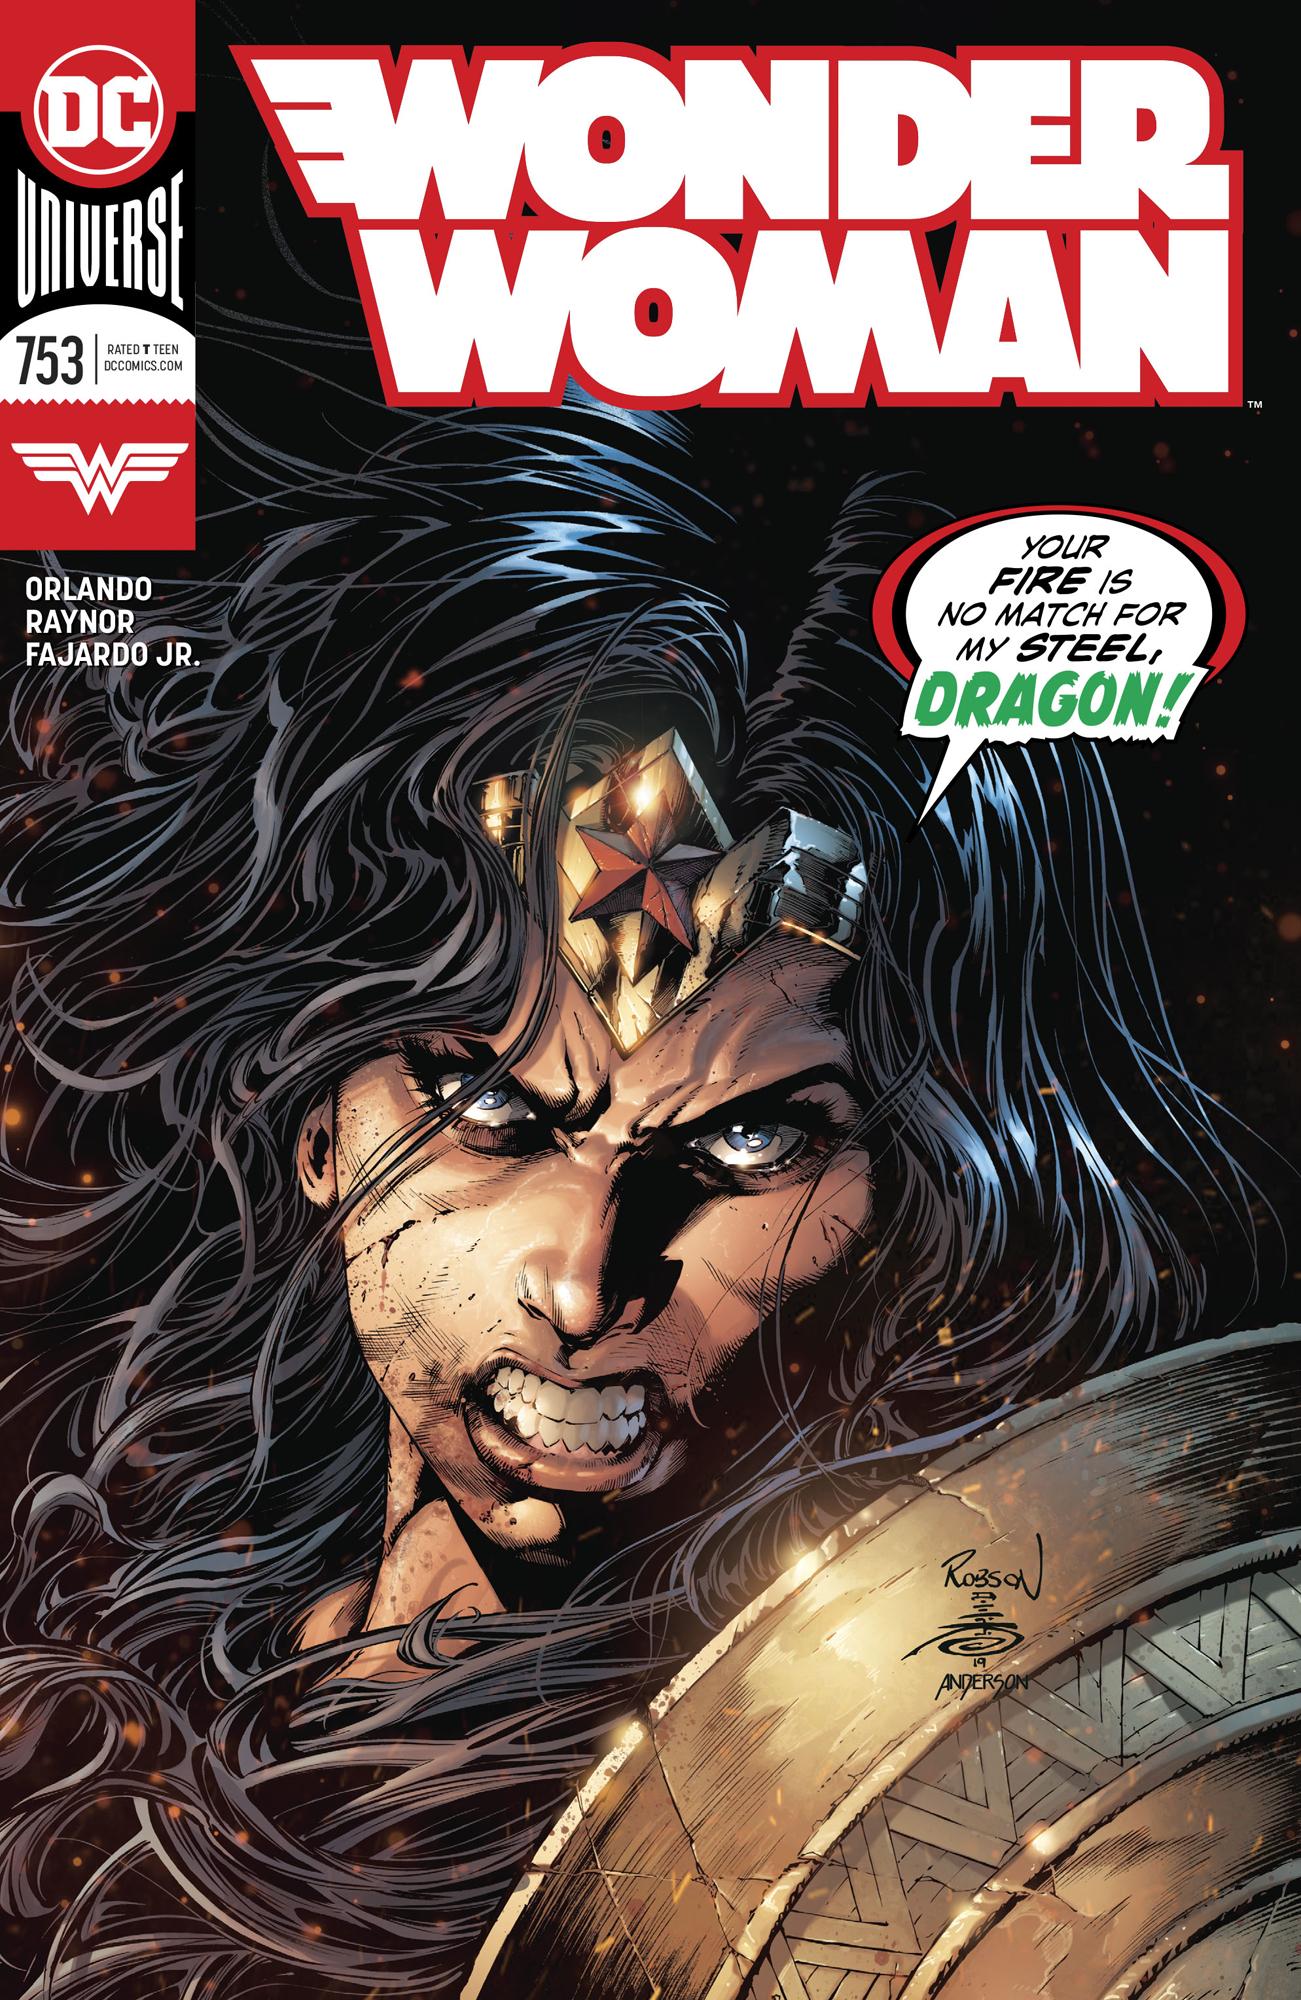 DC Comics WONDER WOMAN #753